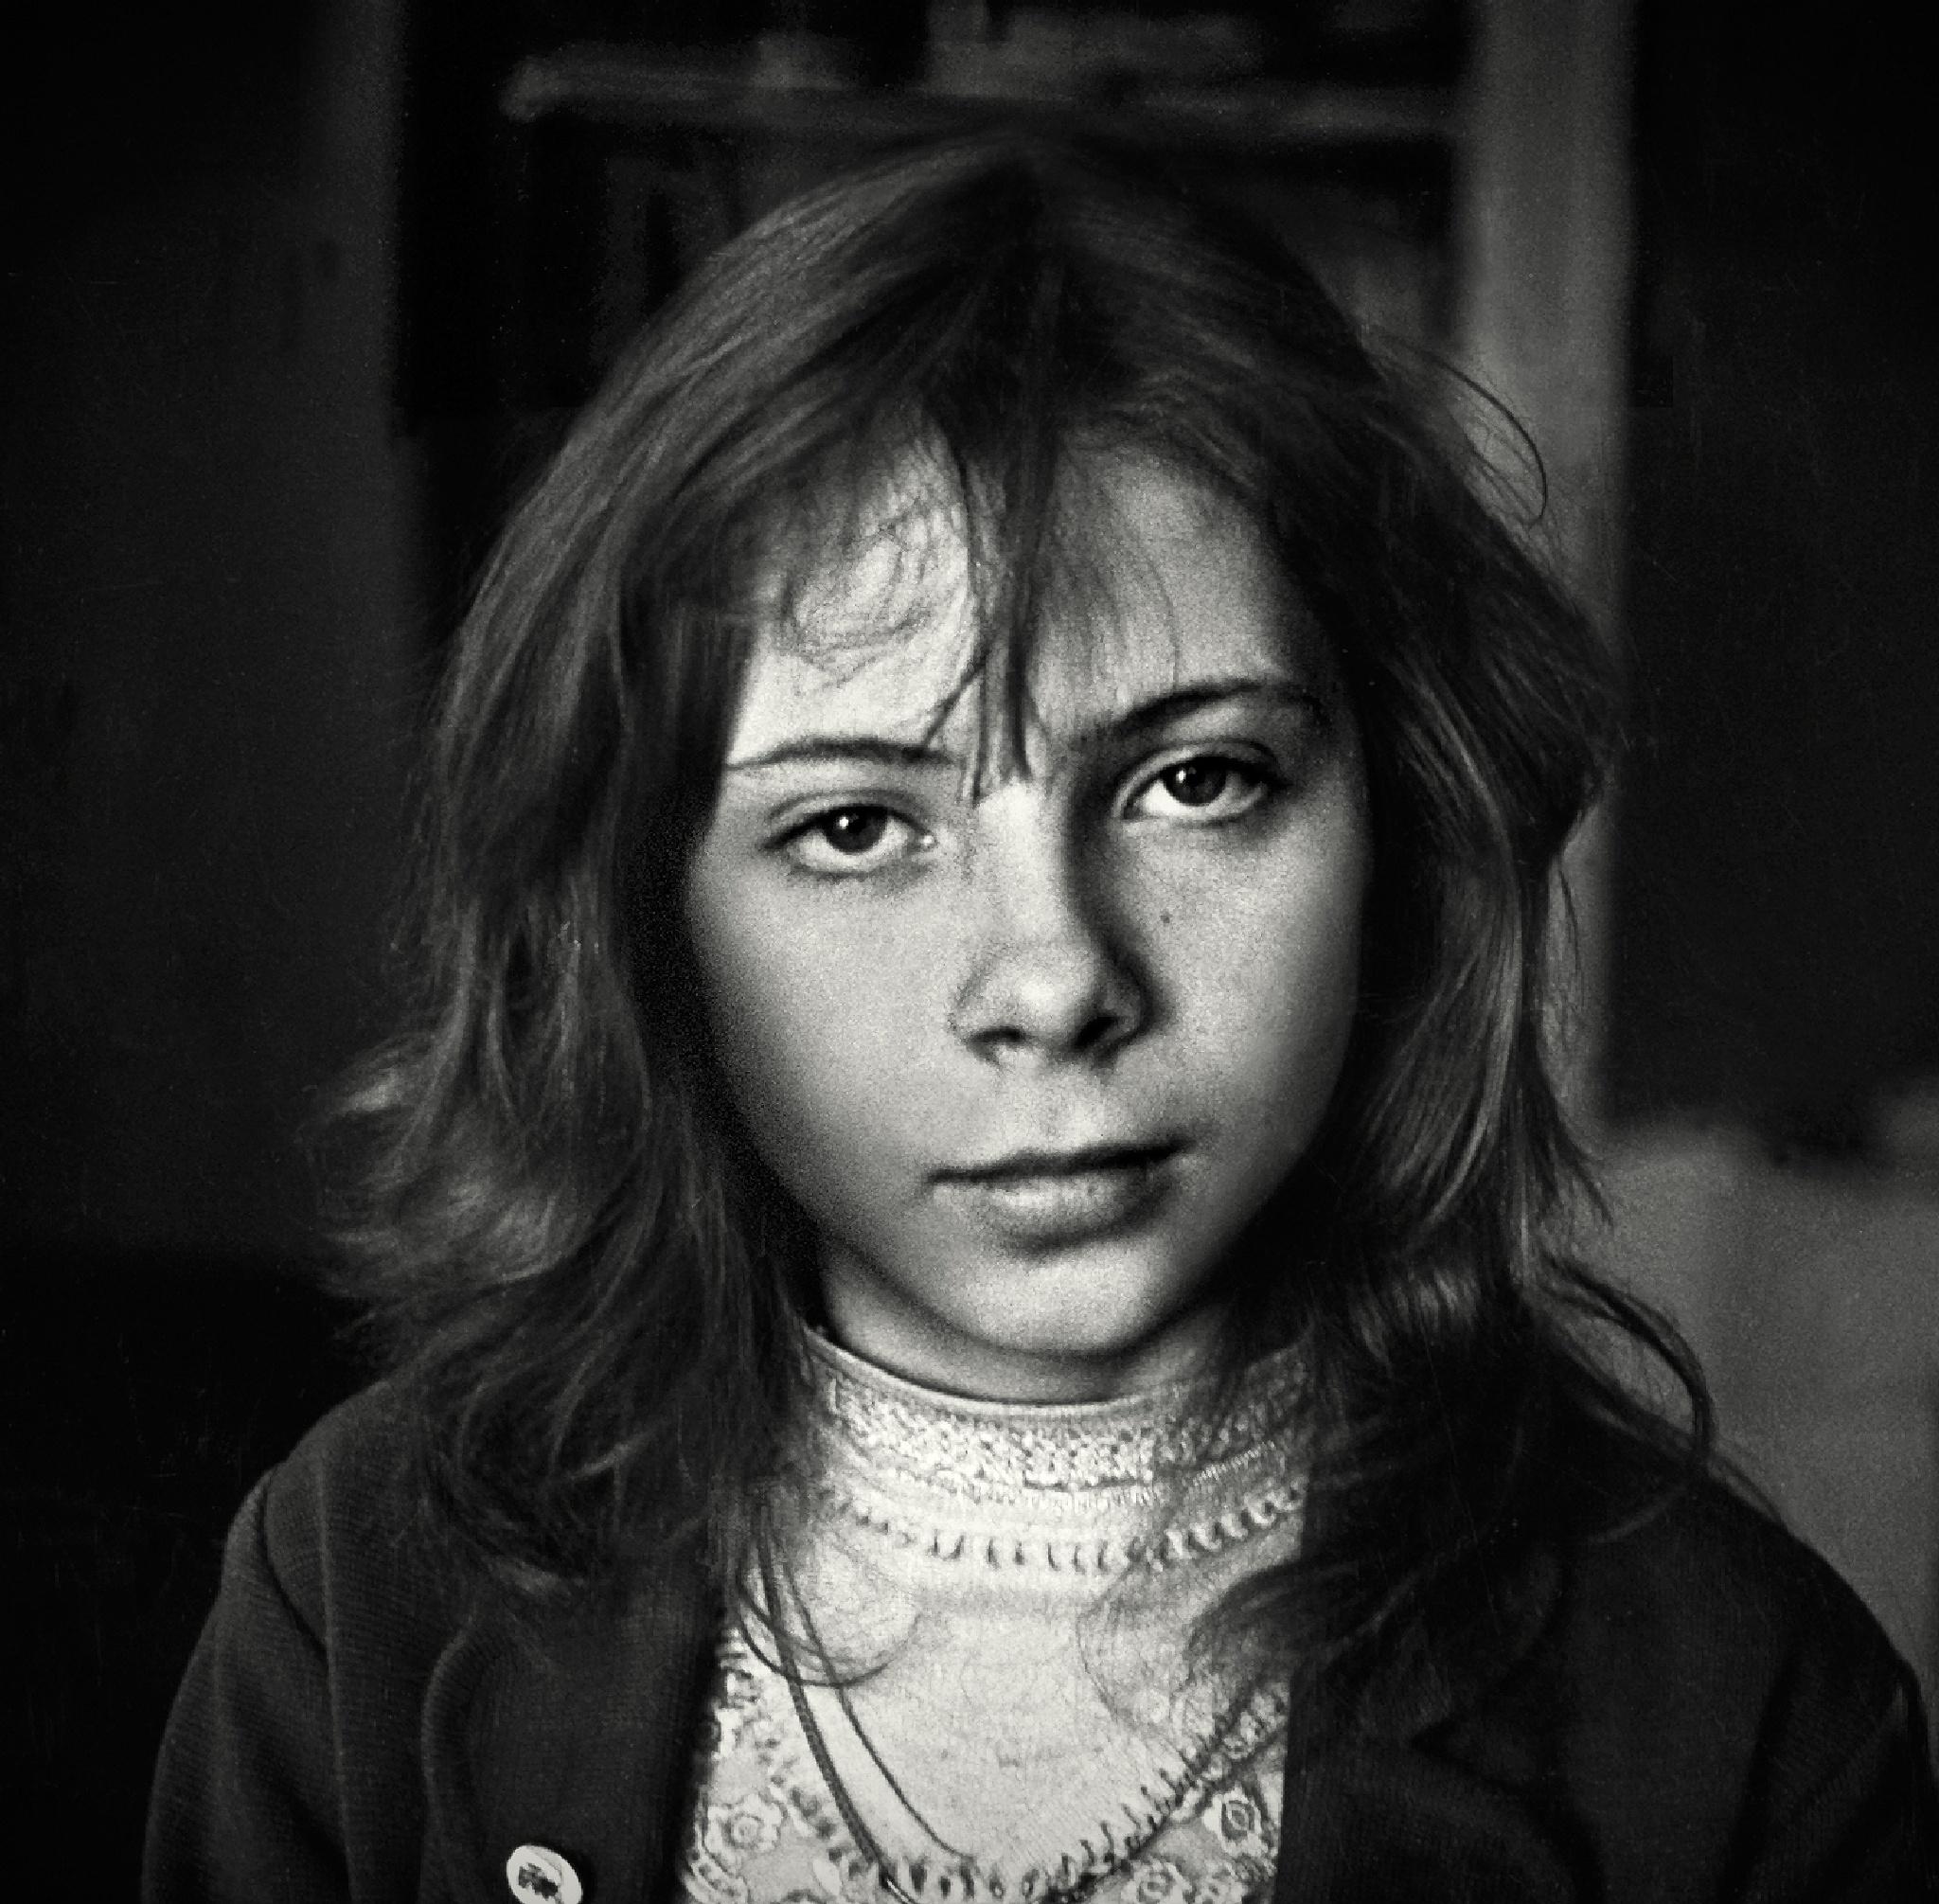 Tanya R. by Сергей Юрьев